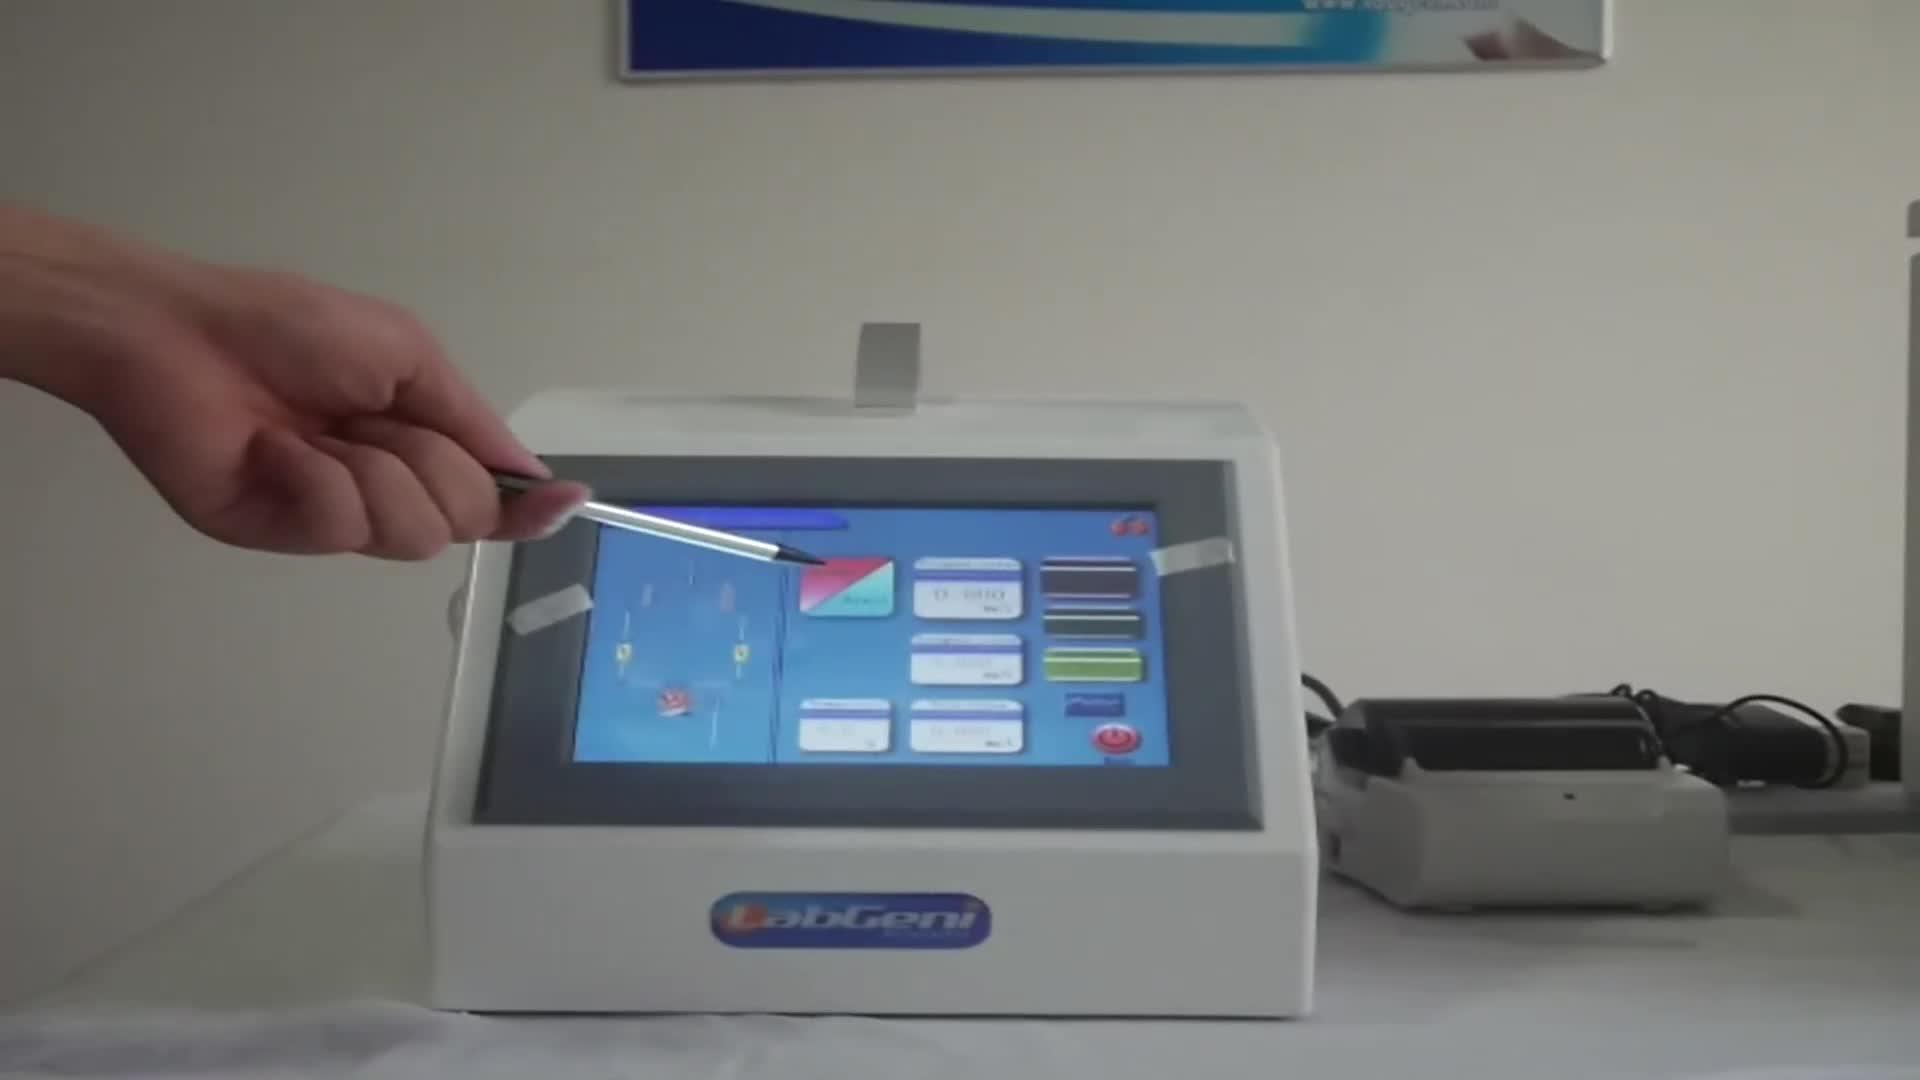 TOC analizador Sampler con Auto, modo Manual, modo pasivo